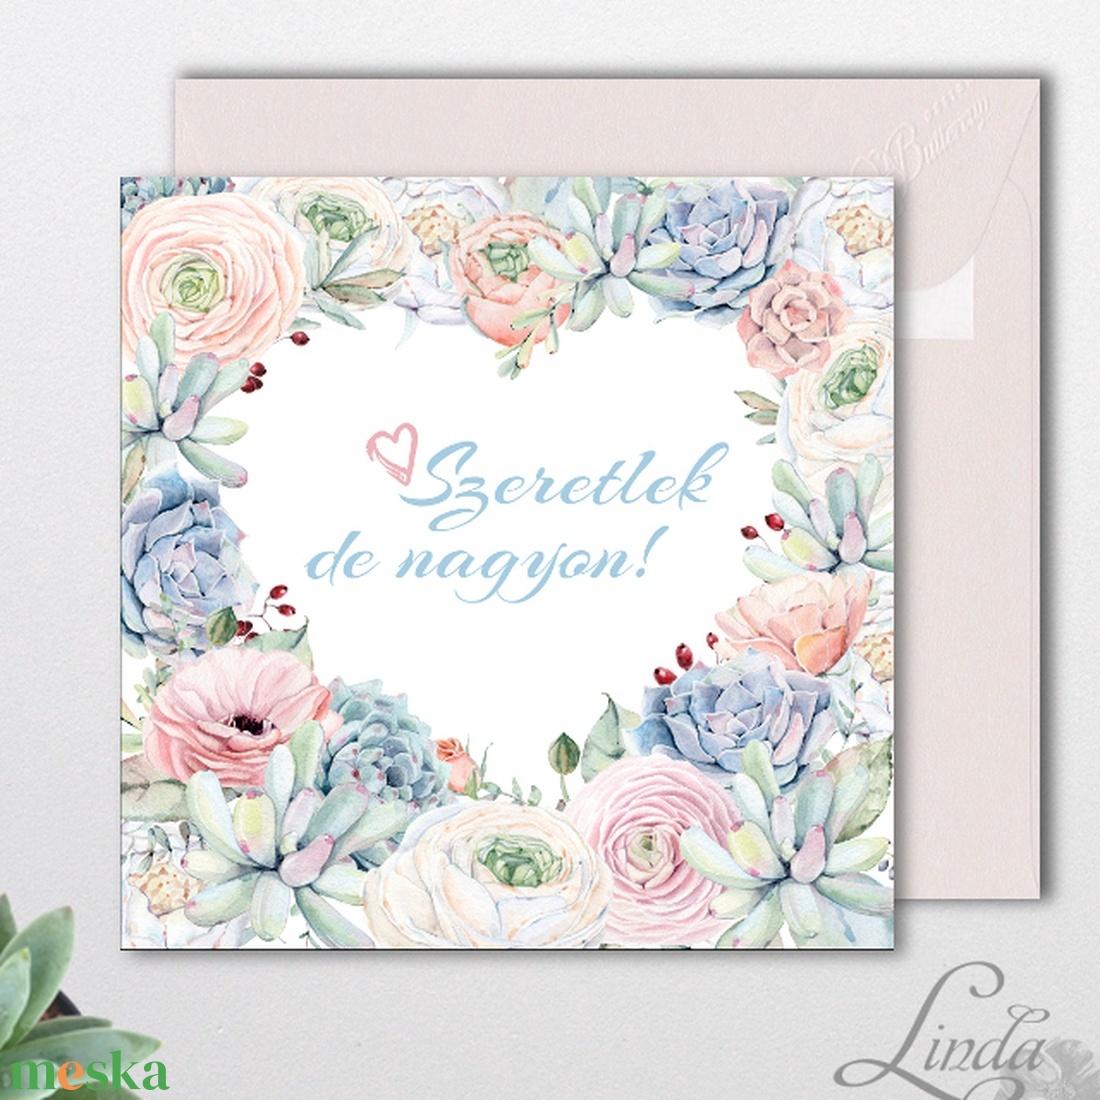 Valentin napi Képeslap, névre szóló lap, szív, pasztell, kövirózsa, virágos, tavaszi, love, szeretlek, szerelmes, tavasz - otthon & lakás - papír írószer - képeslap & levélpapír - Meska.hu